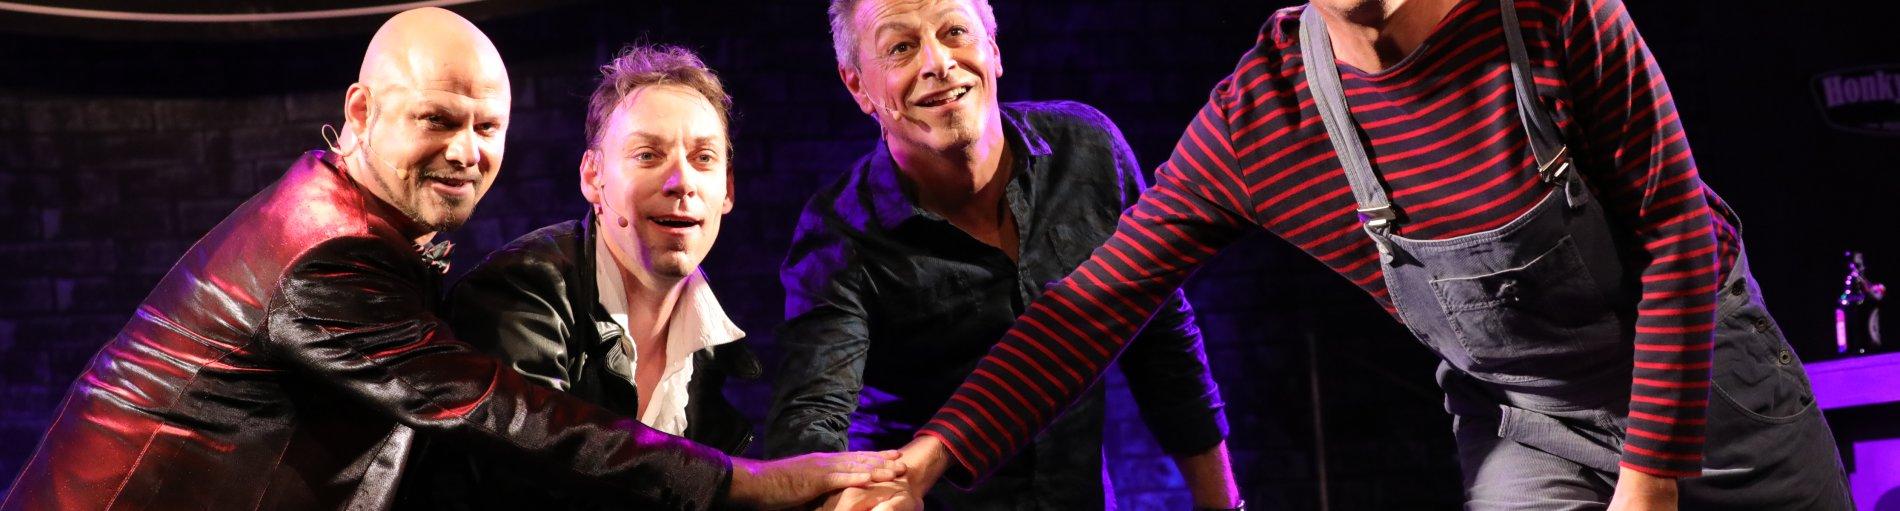 Vier Männer sind auf der Bühne und halten jeweils ihre Hand in die Mitte.